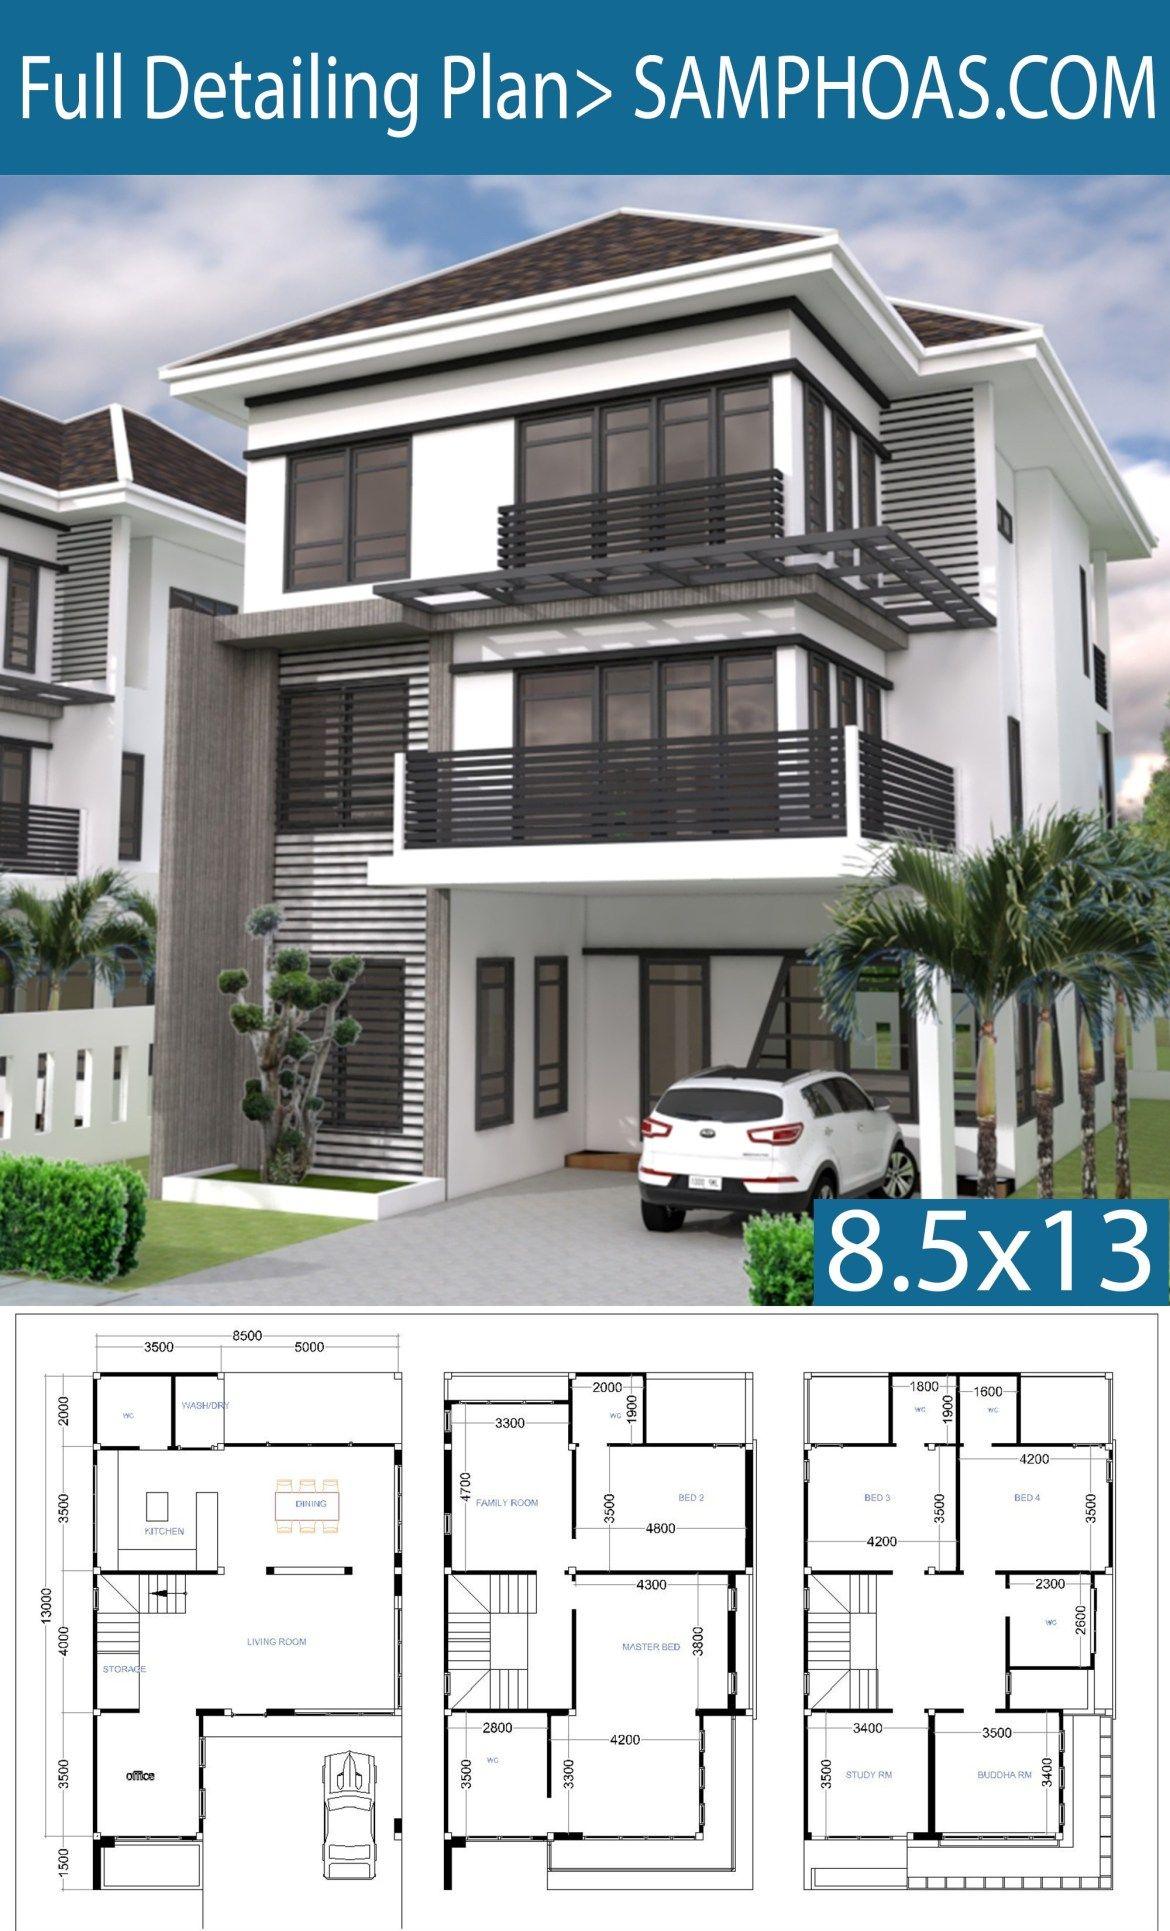 6 Bedrooms House Plan 8 5x13m Samphoas Plansearch 6 Bedroom House Plans Model House Plan Modern House Plans